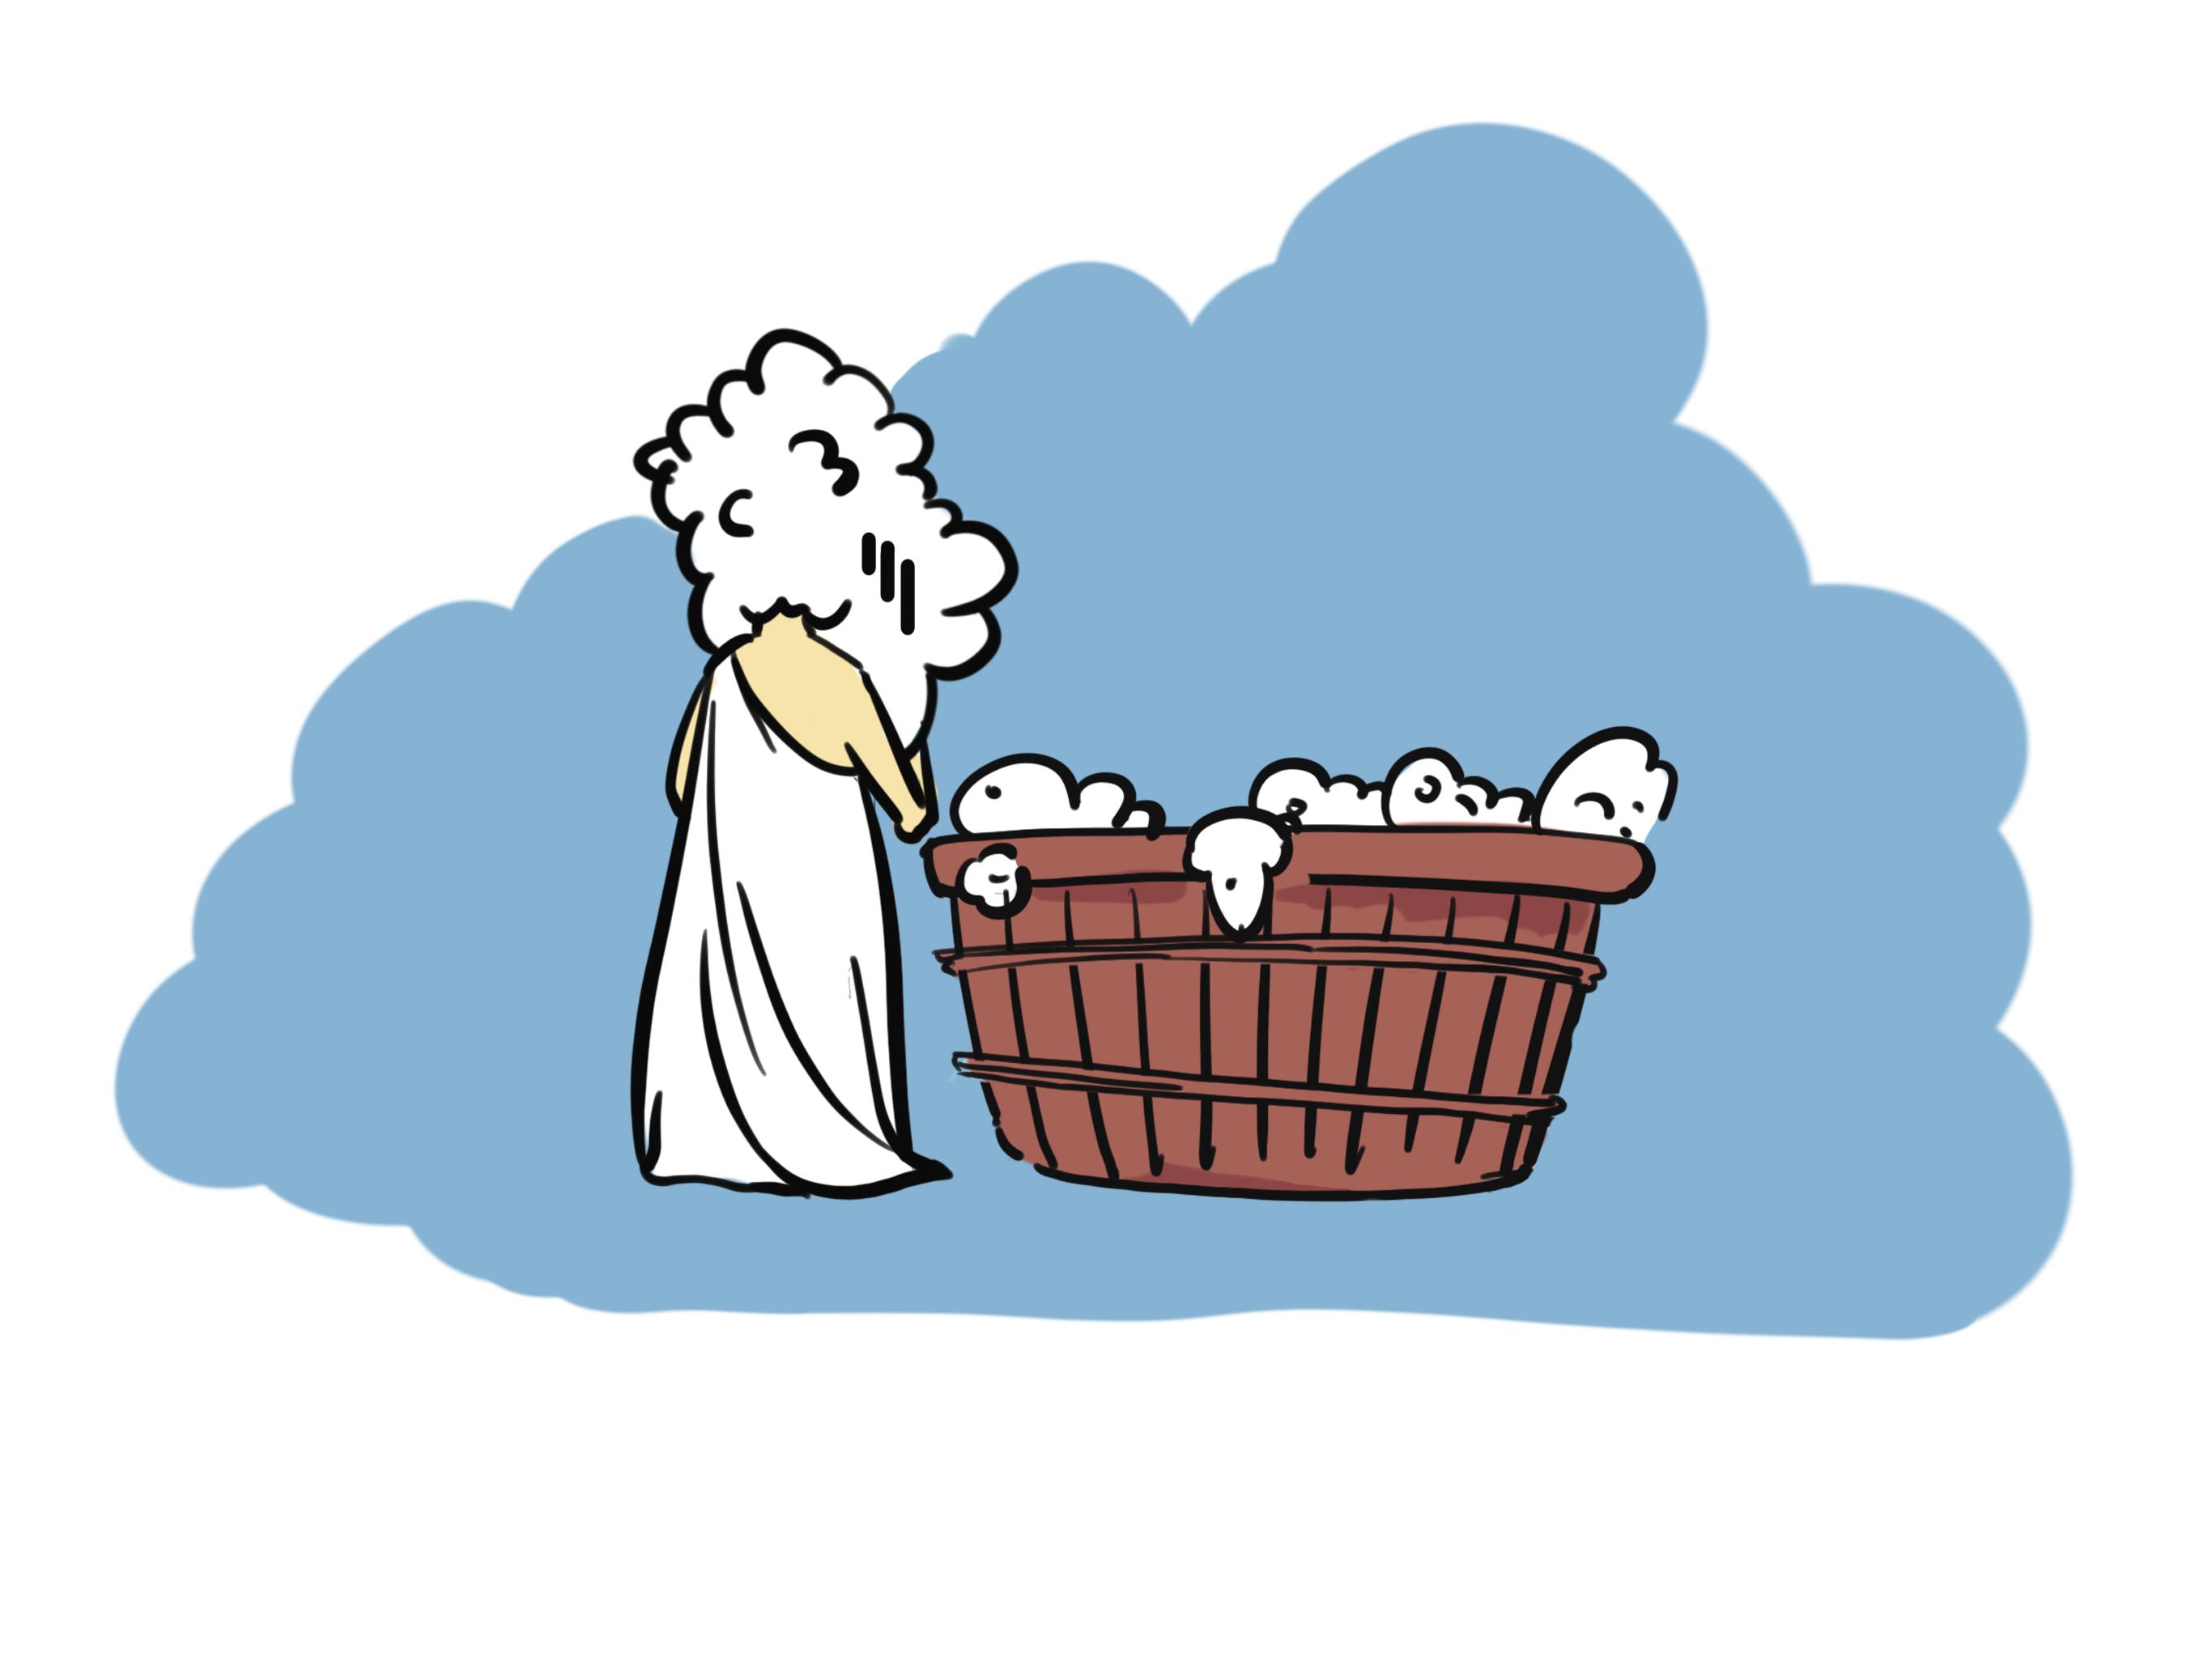 阿基米德的故事图片